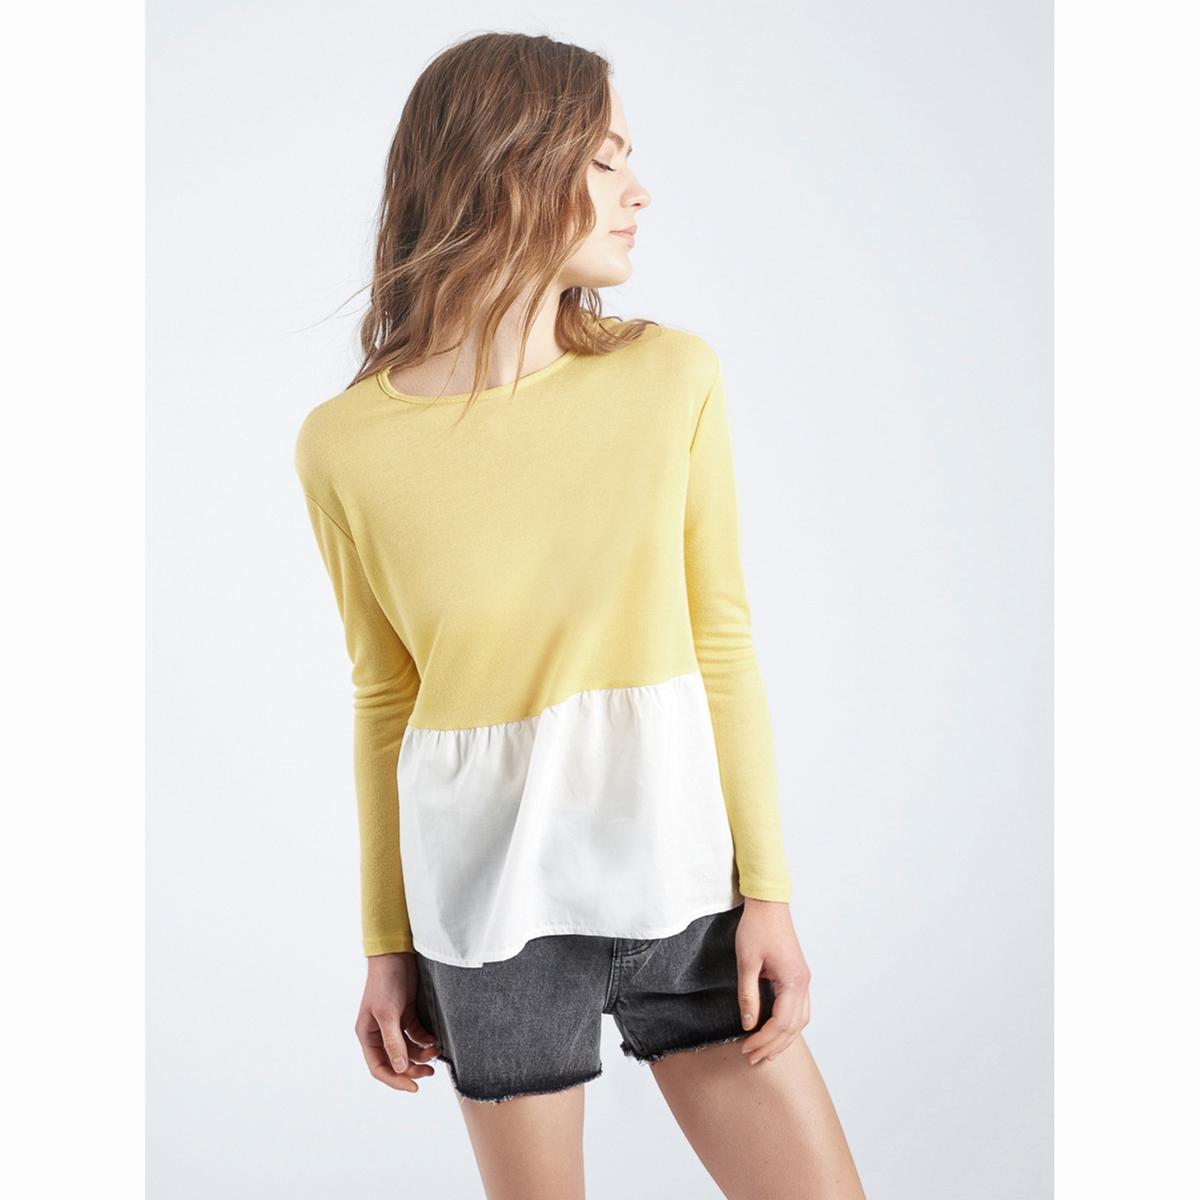 Пуловер двухцветный Amarillo StonemСостав и описаниеМатериал : 85% вискозы, 15% полиэстераМарка : Compania FantasticaМодель : Jersey Amarillo StonemУходСледуйте рекомендациям по уходу, указанным на этикетке изделия.<br><br>Цвет: желтый<br>Размер: L